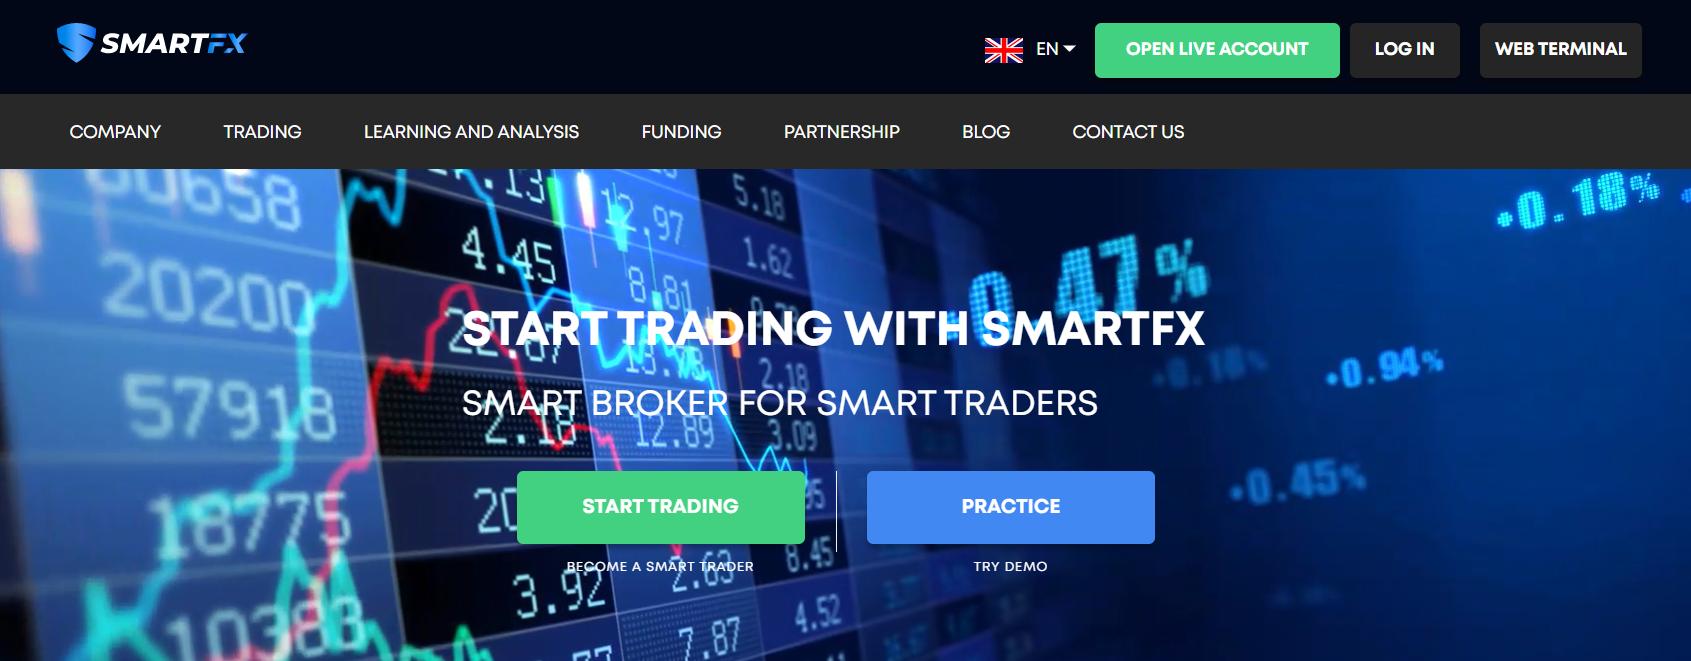 smartfx официальный сайт